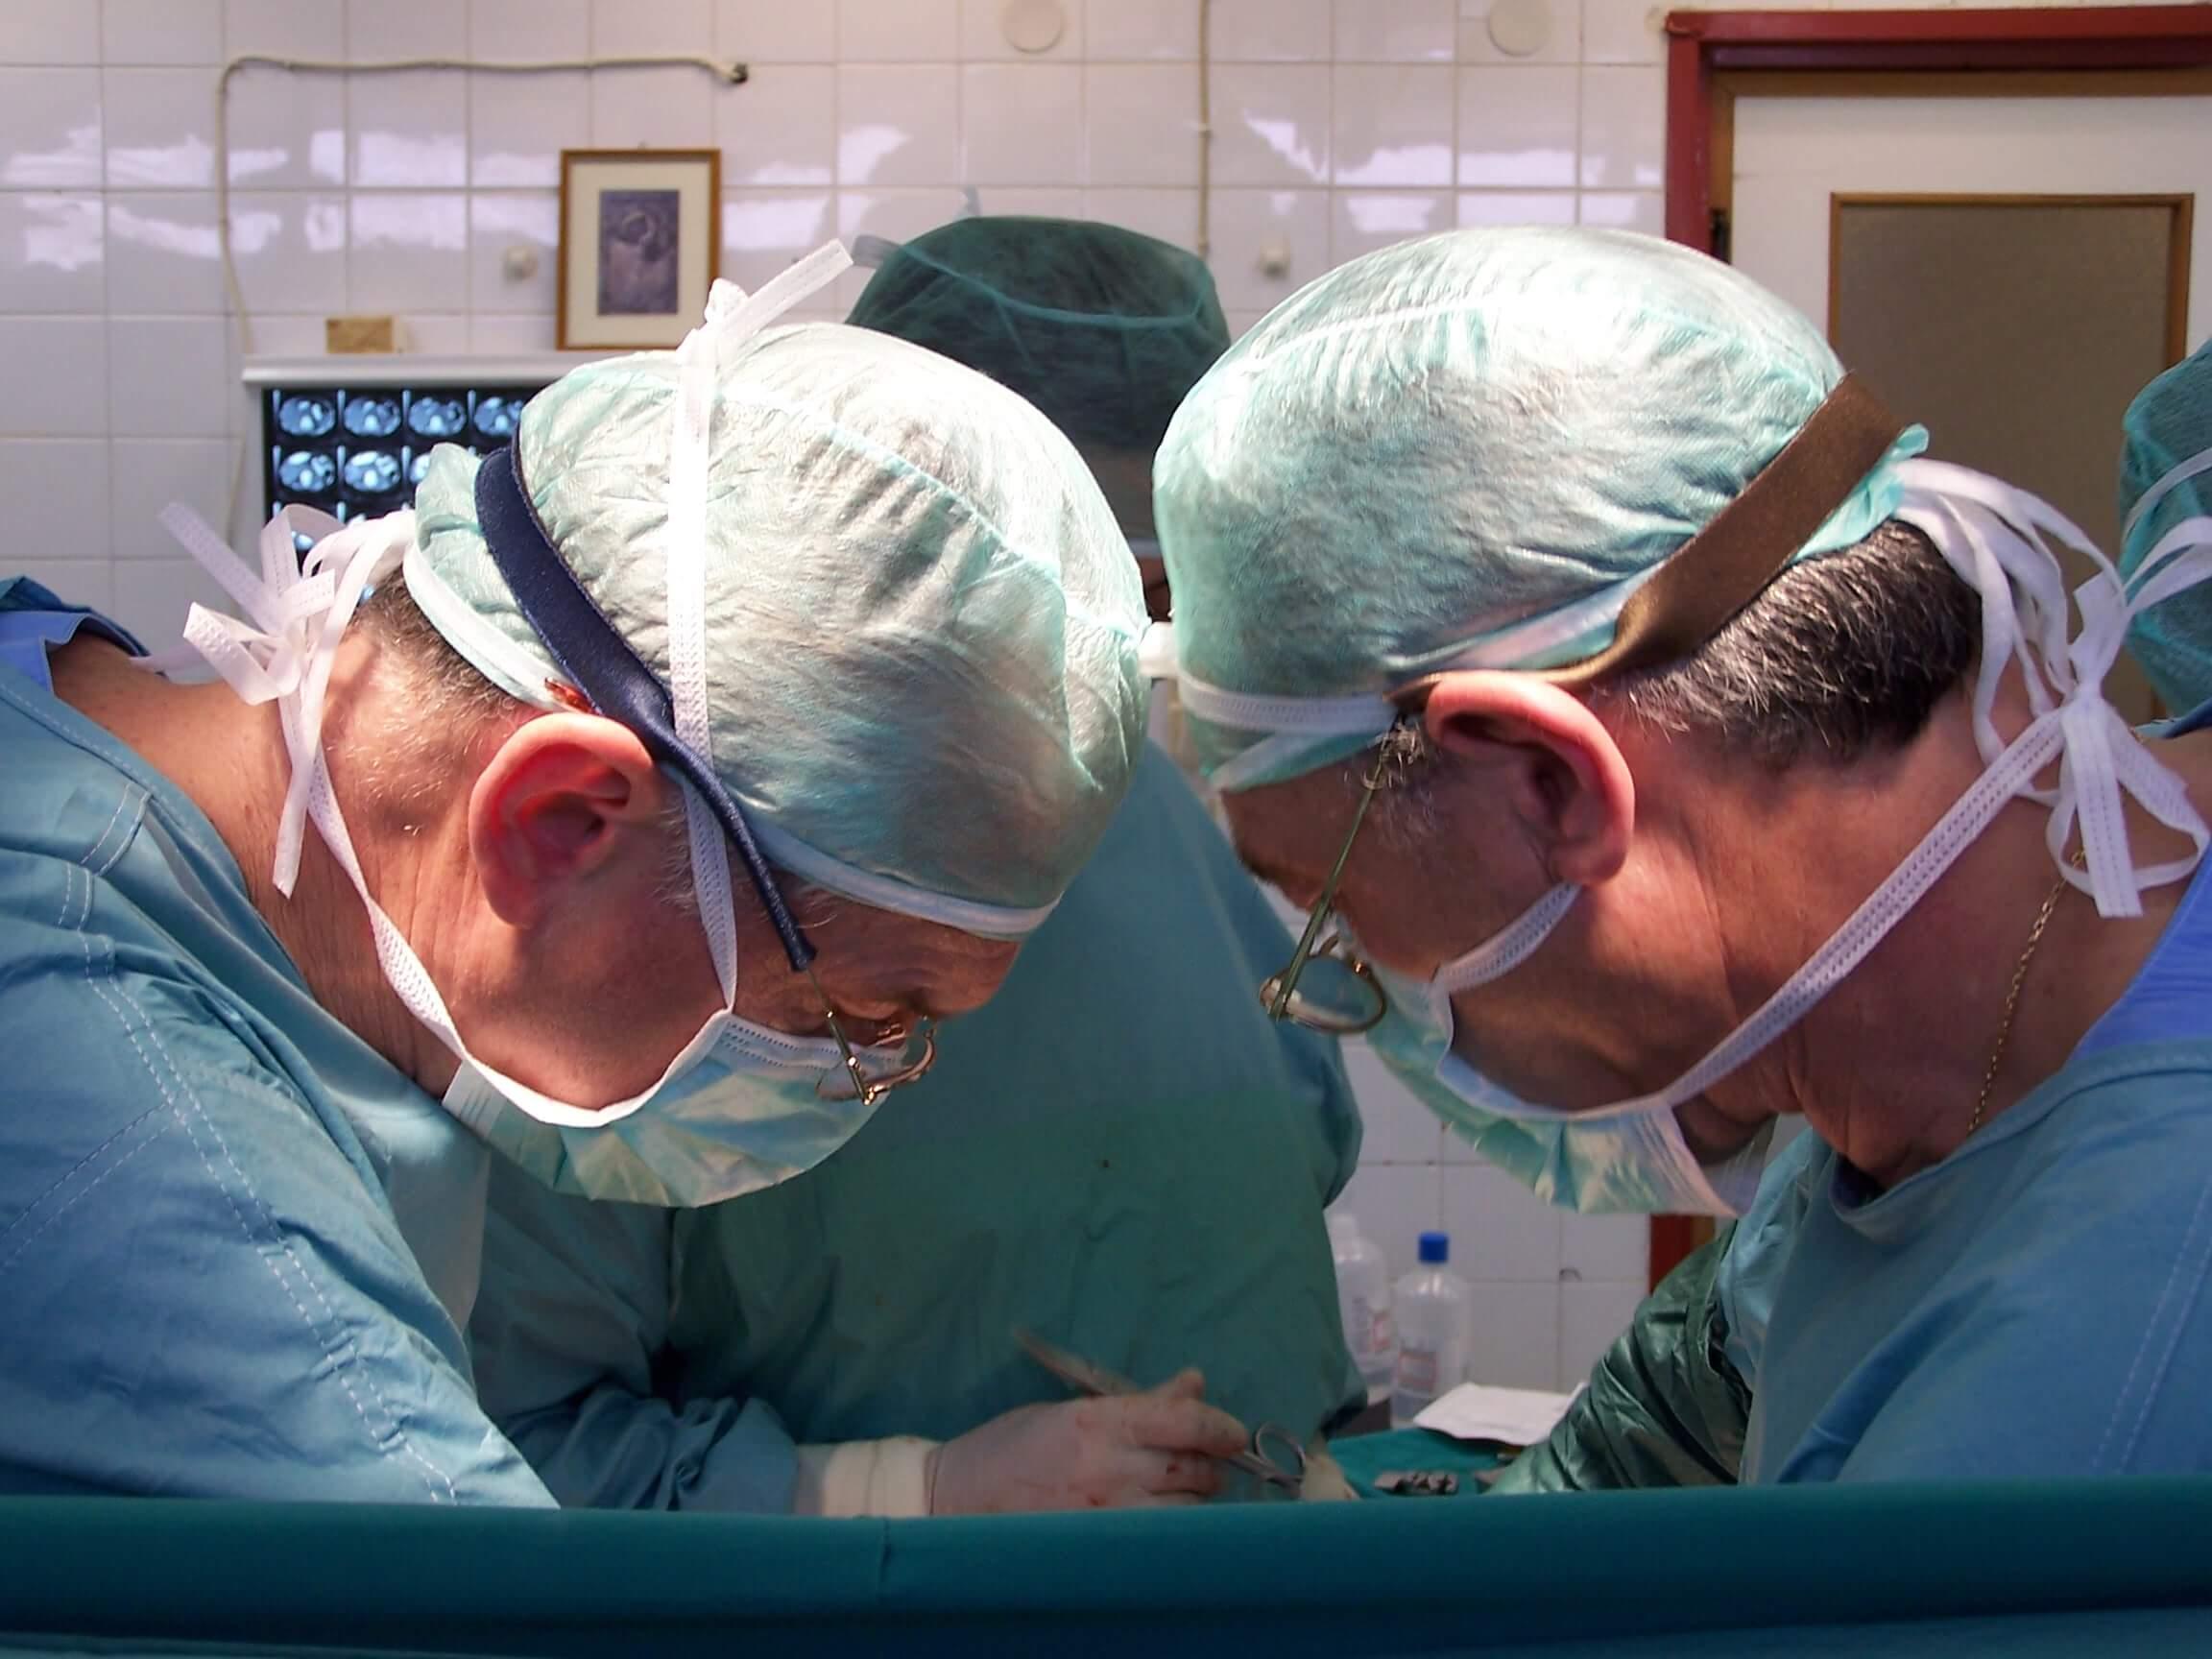 Κυτταρομειωτική χειρουργική στο νοσοκομείο Διδυμοτείχου (2005). Διακρίνονται εξ αριστερών προς τα δεξιά: Paul Sugarbaker, Απόστολος Τέντες